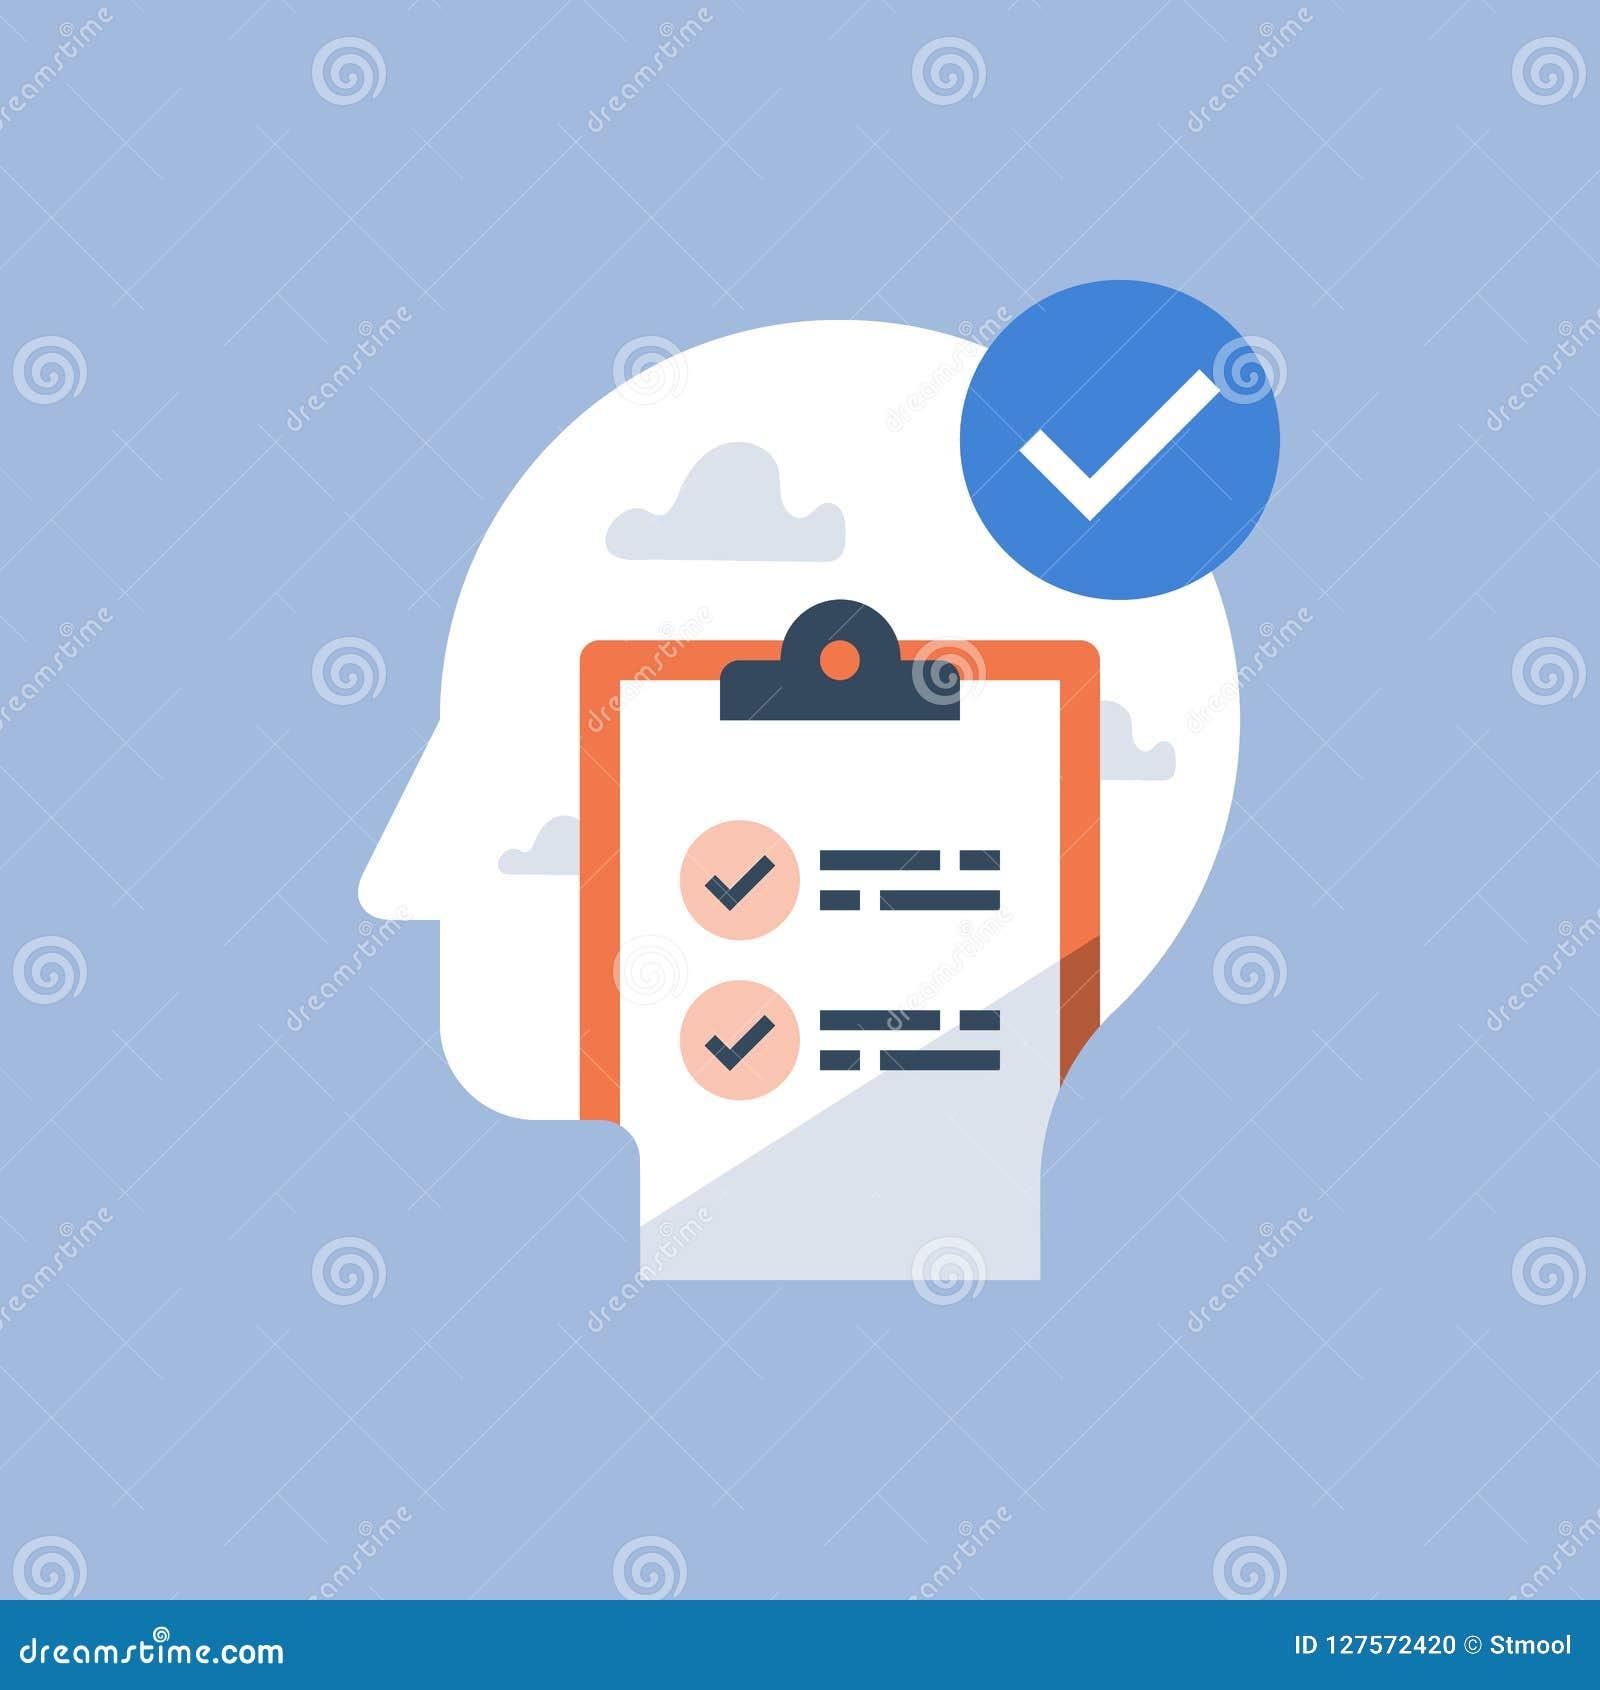 耽搁解答,工作计划议程,进展清单,时间安排,做名单,剪贴板调查,考试测试